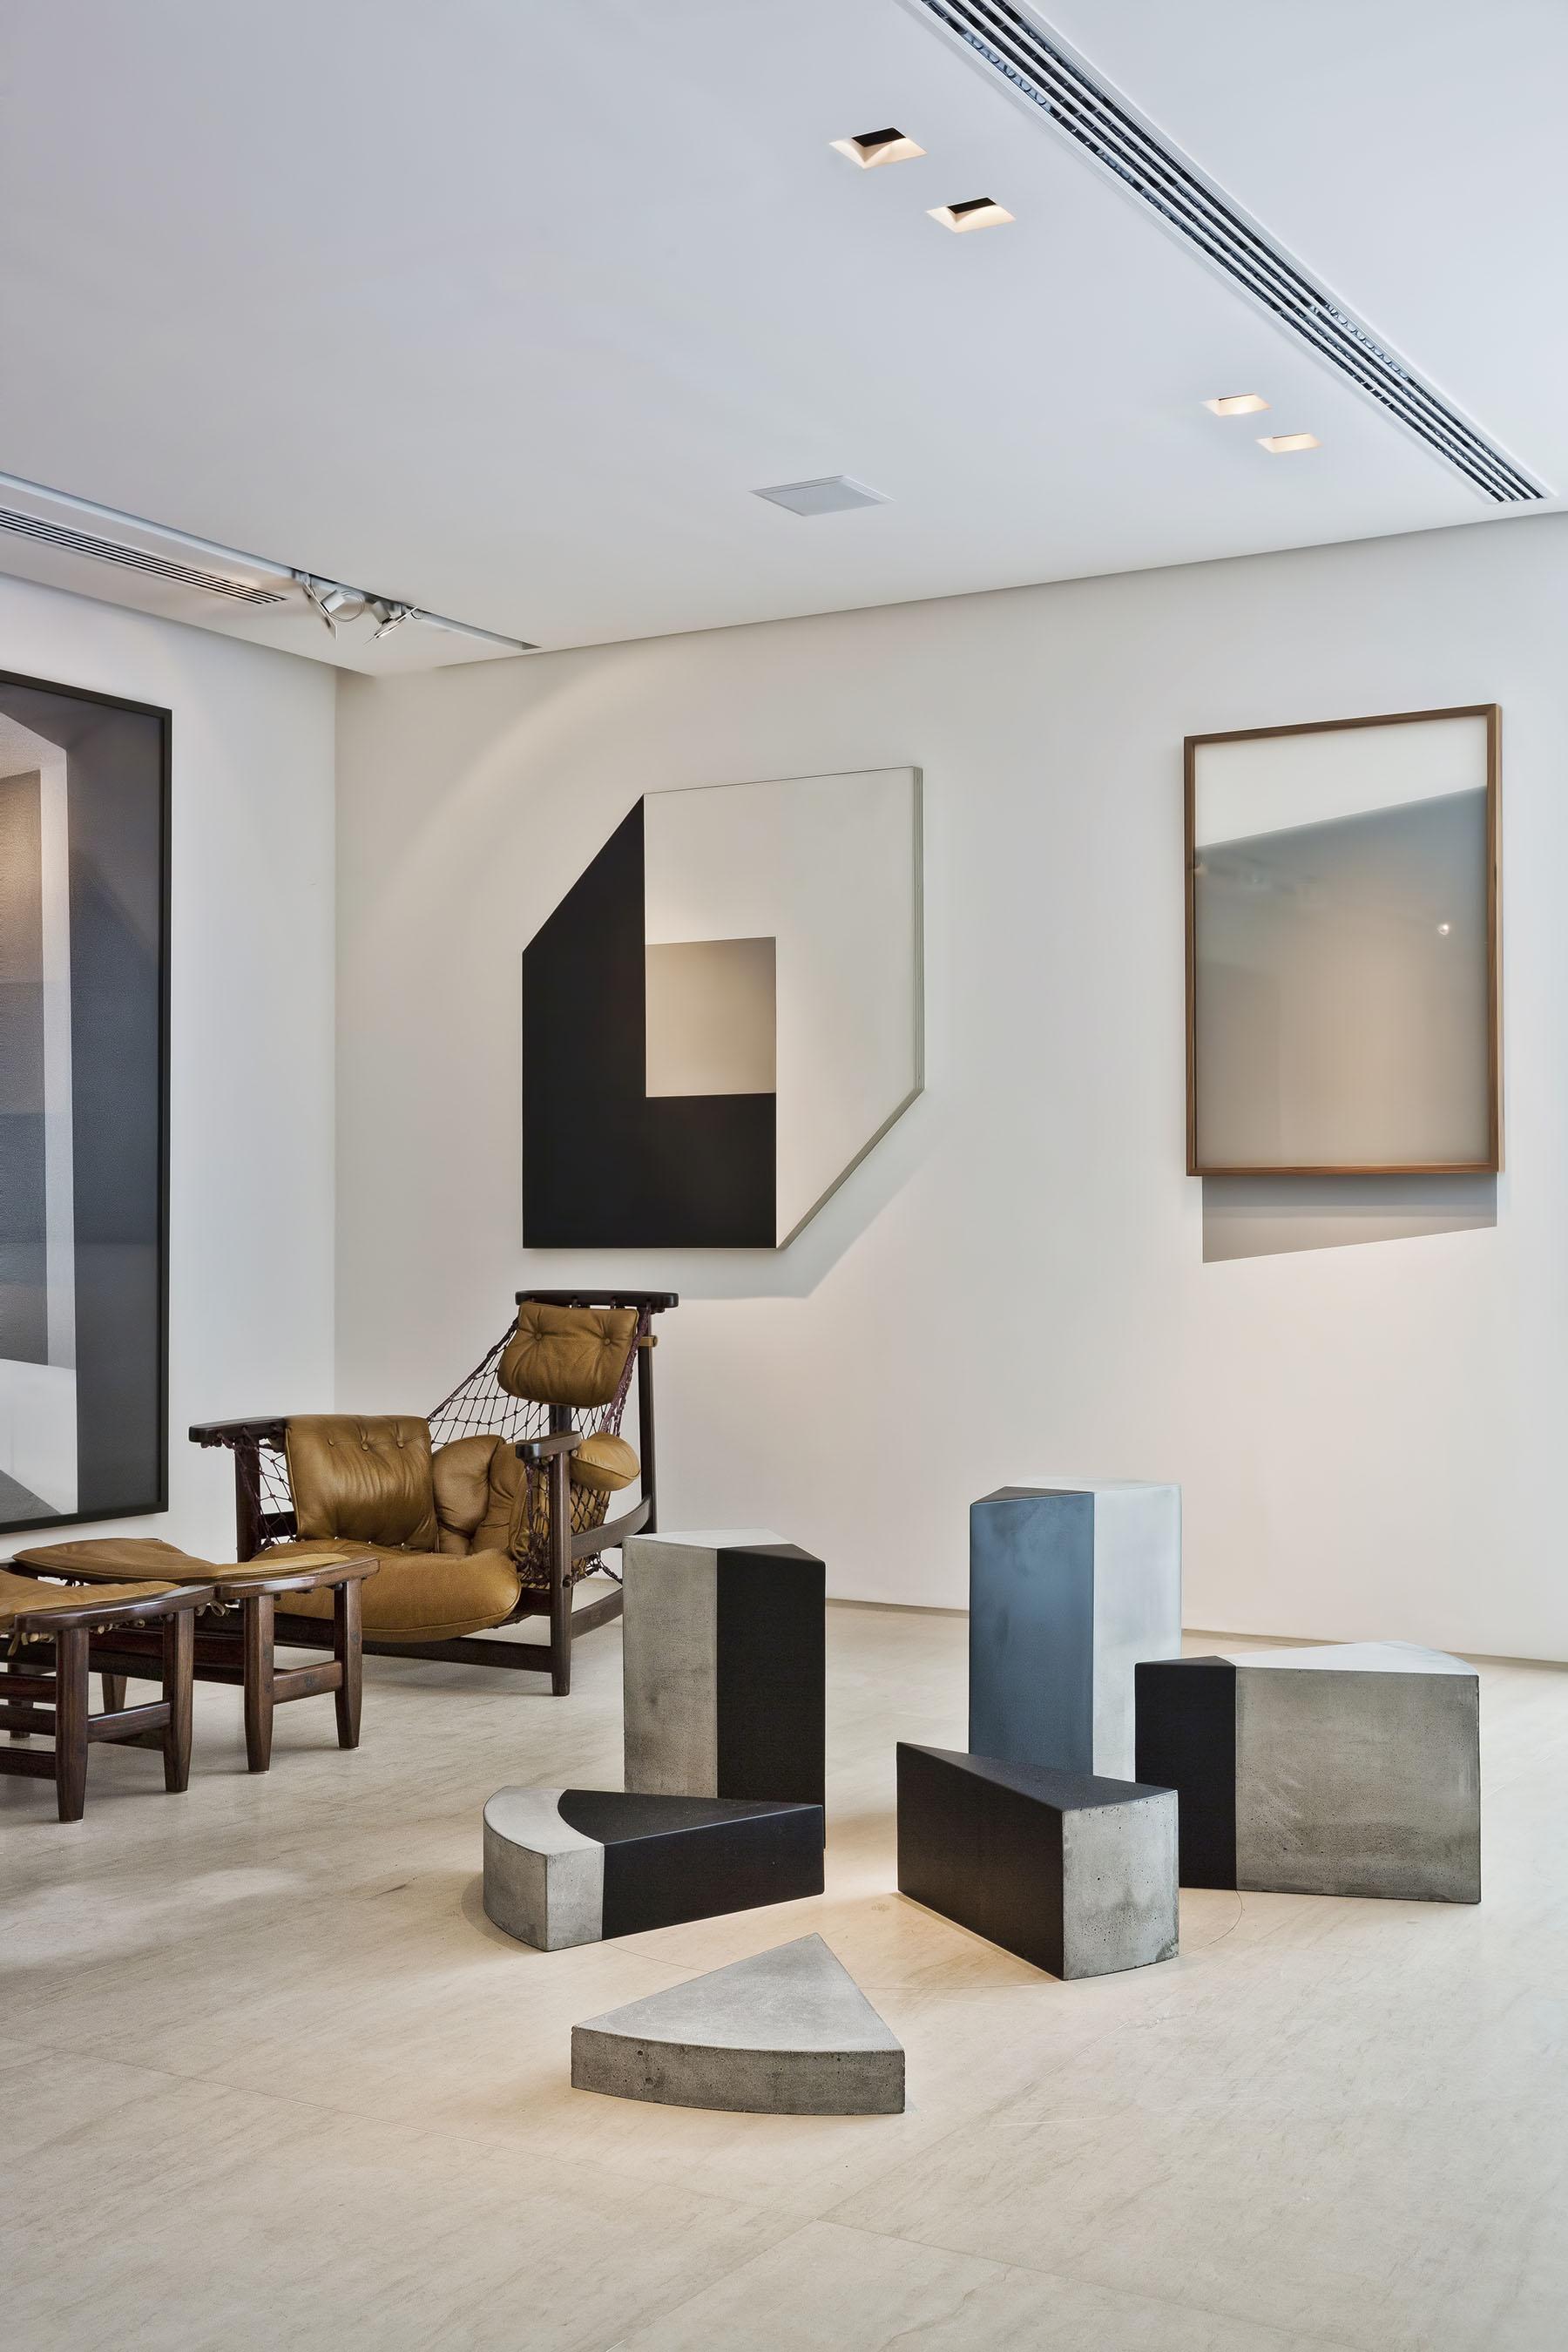 iGNANT-Architecture-Fernanda-Marques-Arquitetos-Associados-Panorama-10